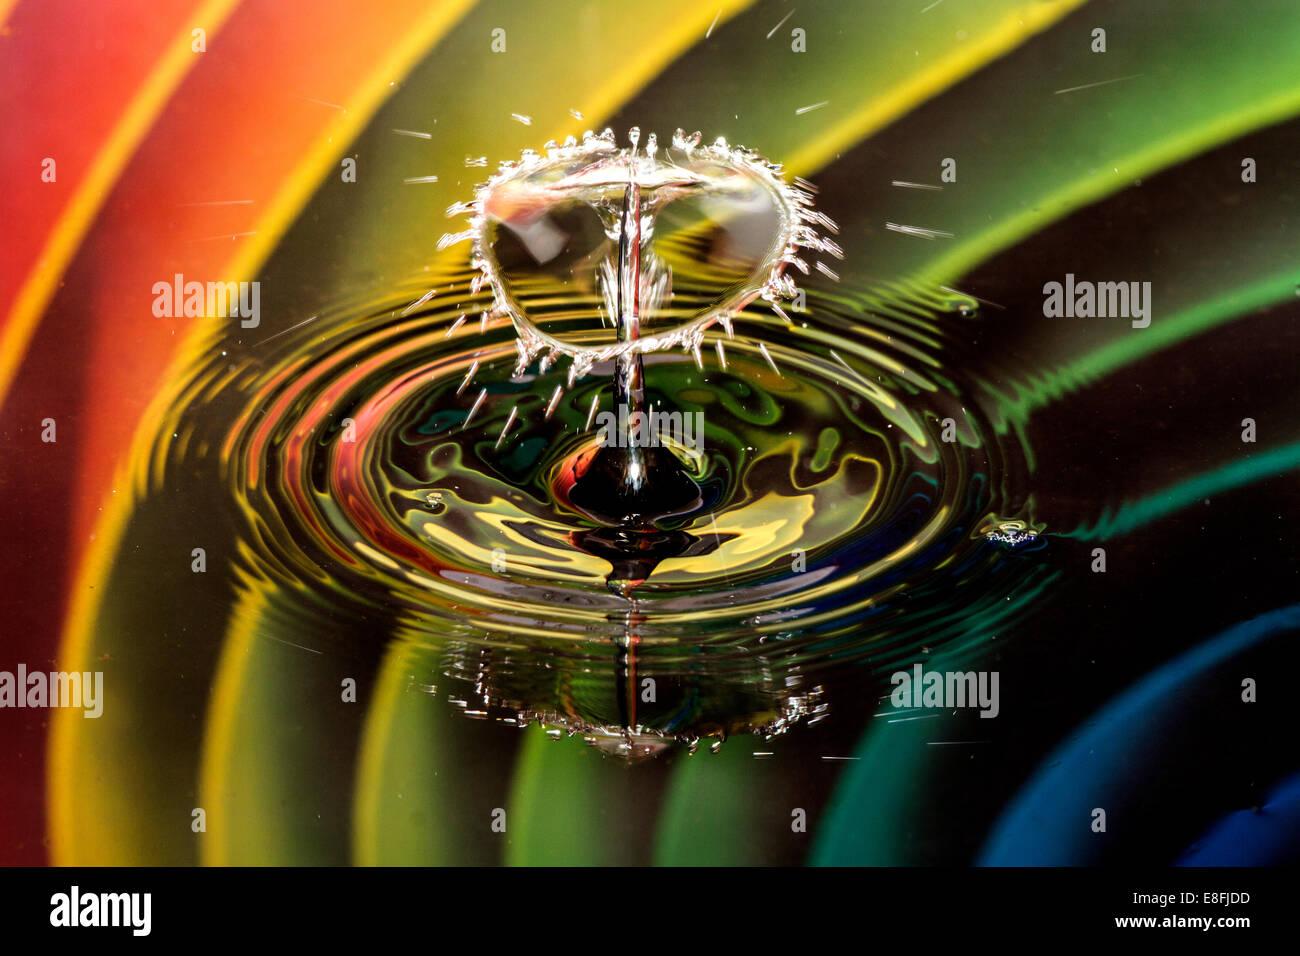 Burbuja con gotas de agua en el fondo del arco iris Imagen De Stock